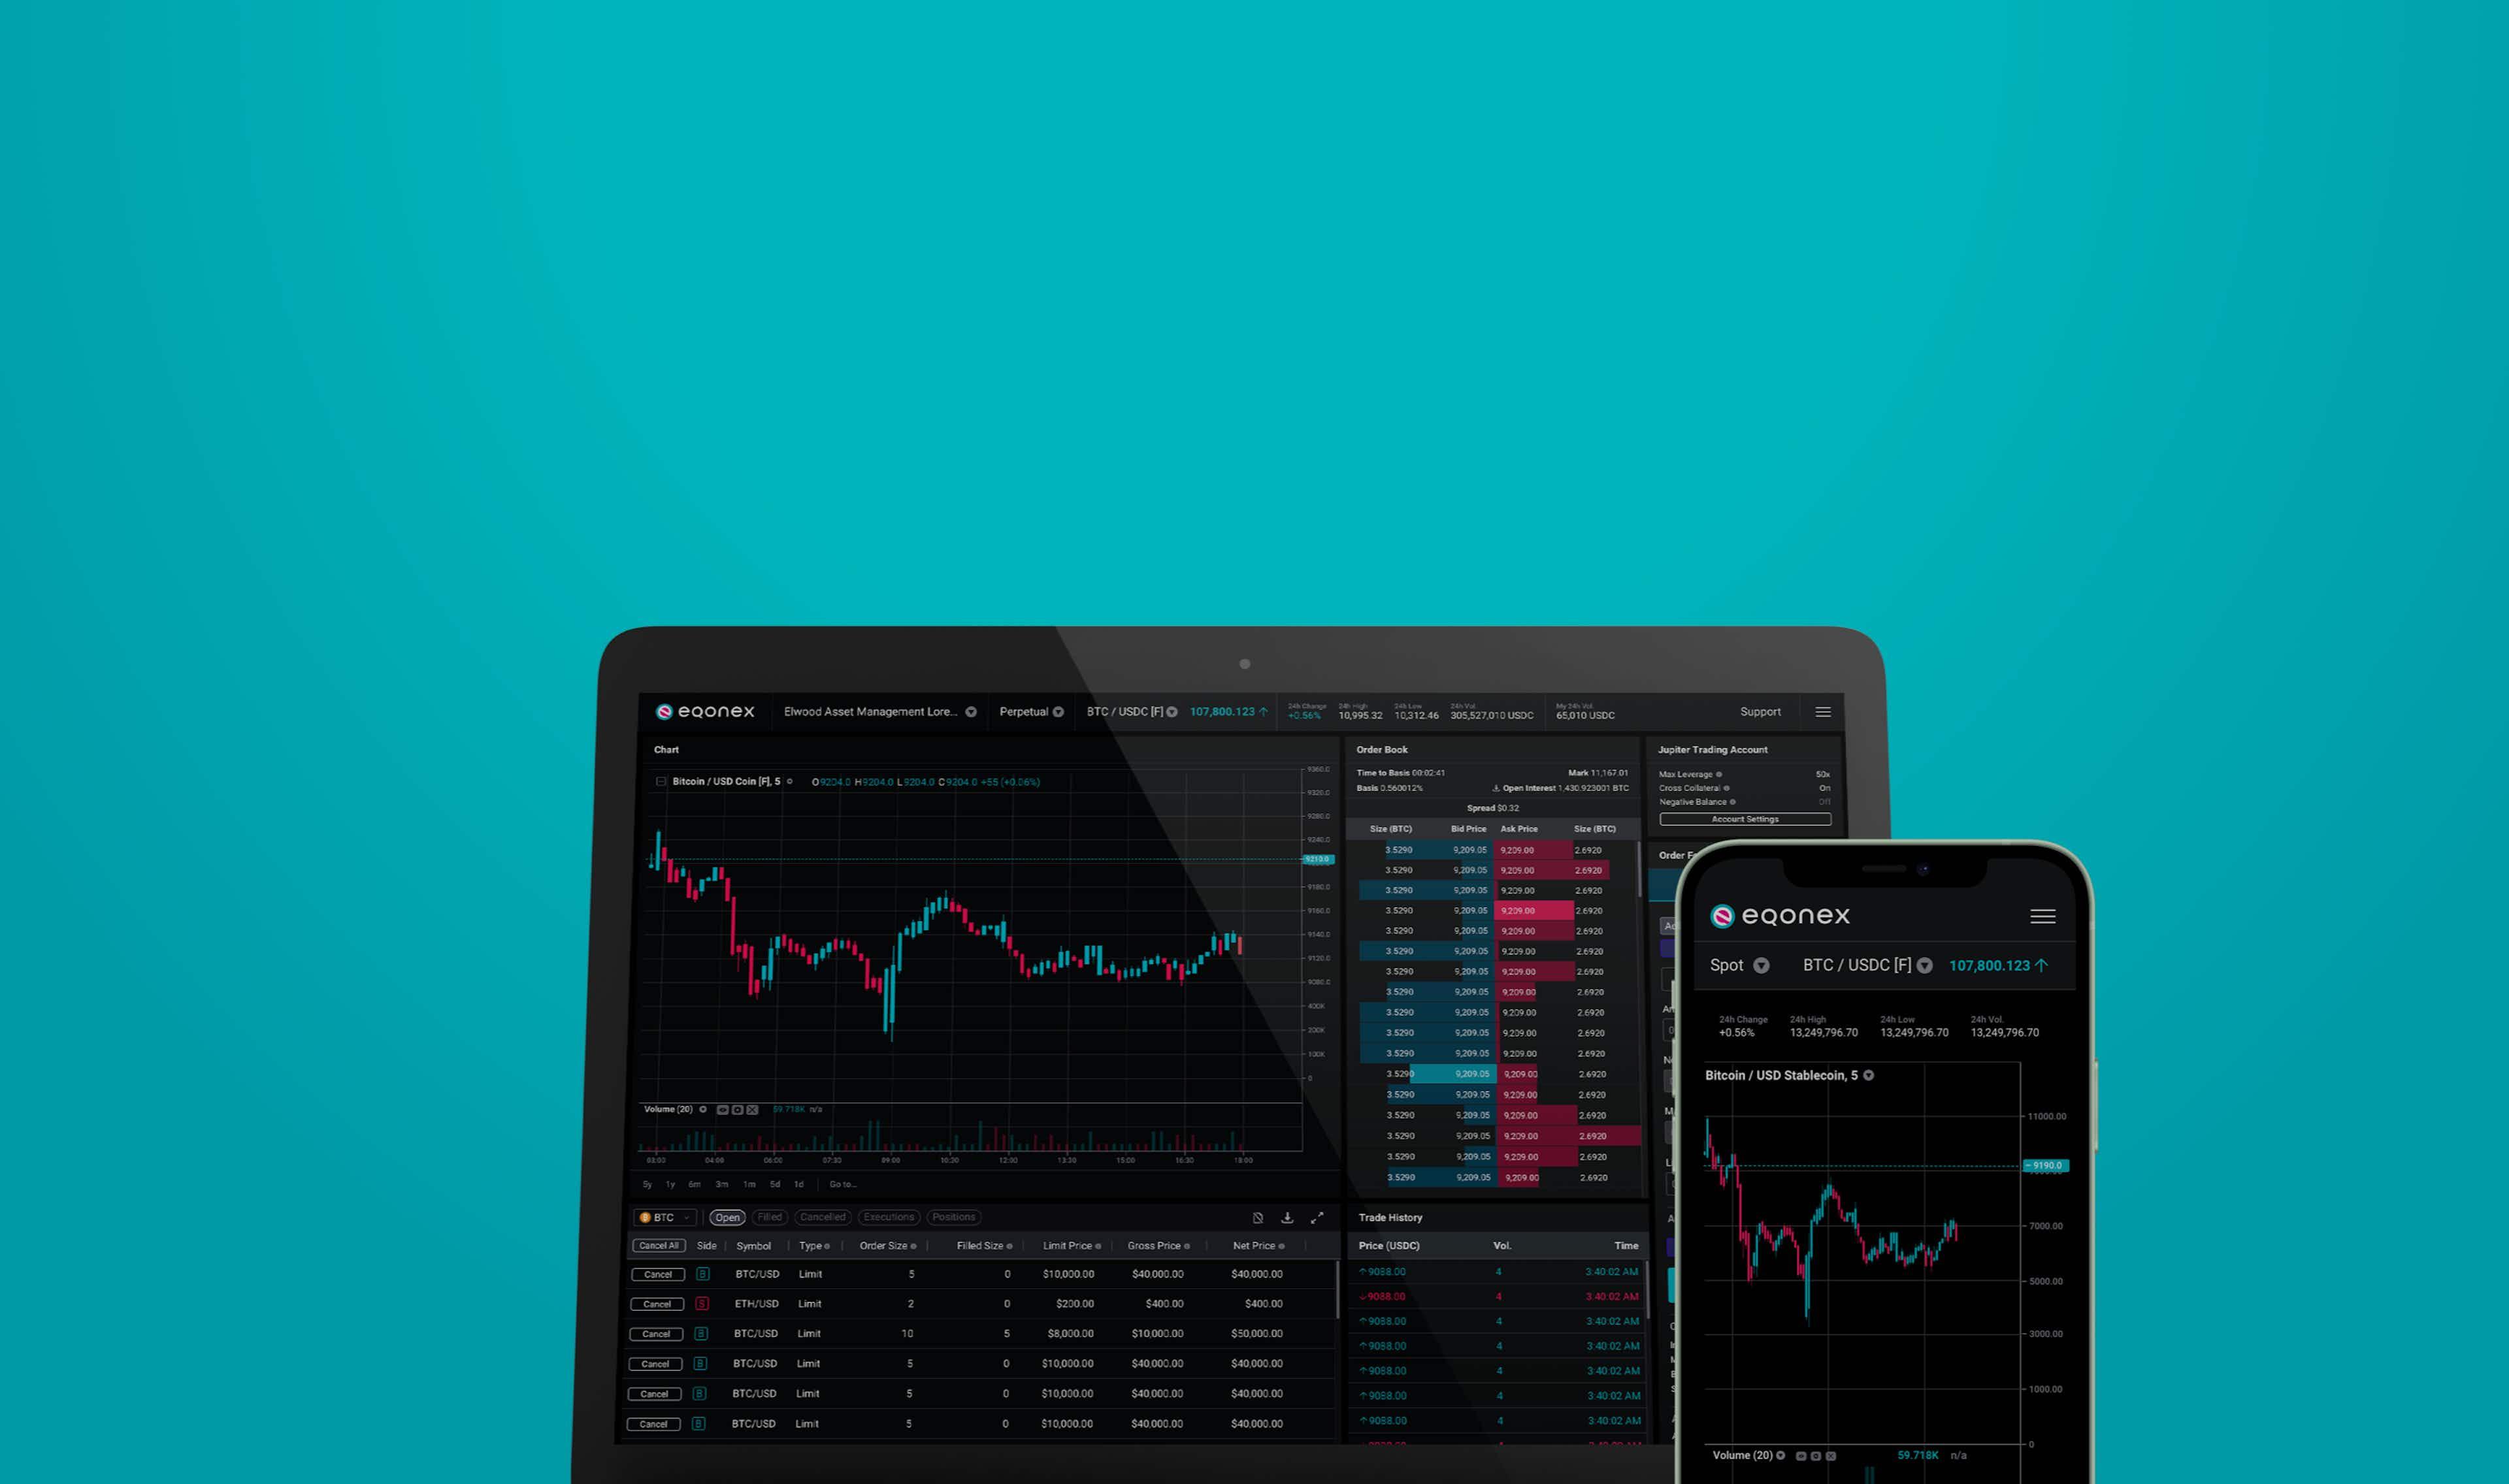 Image of the EQONEX exchange